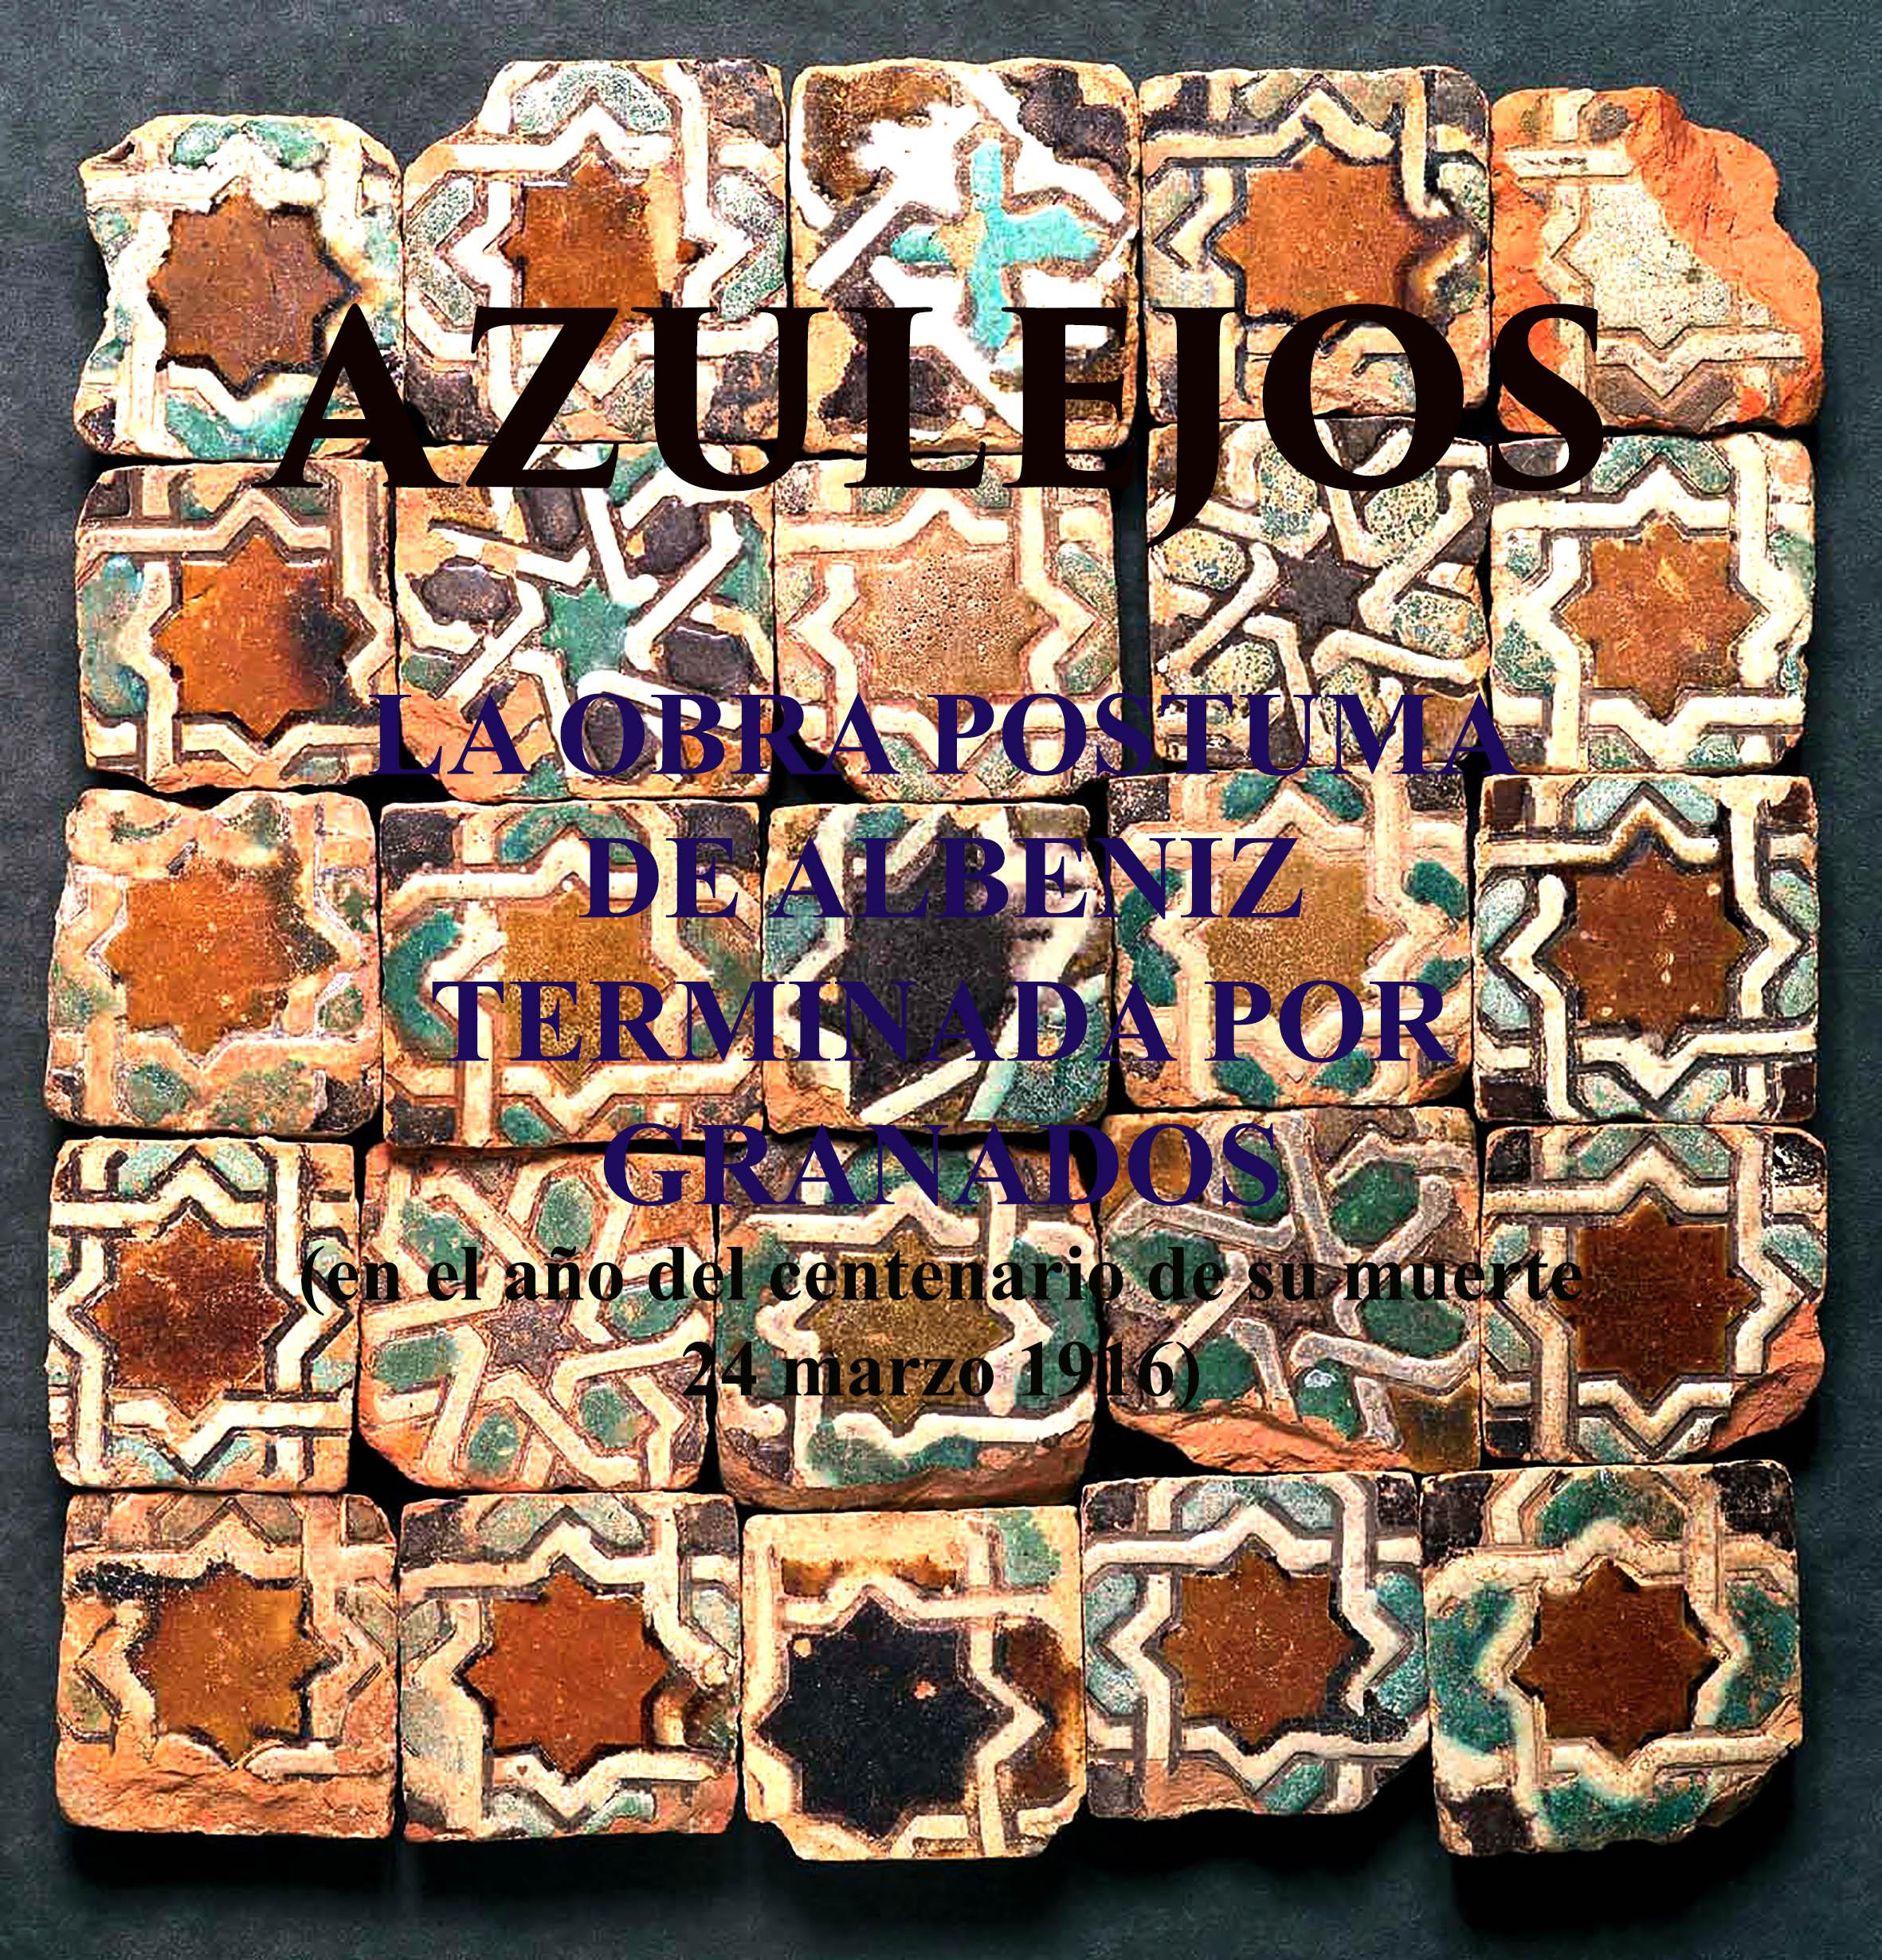 AZULEJOS, LA OBRA POSTUMA DE ALBENIZ TERMINADA POR GRANADOS